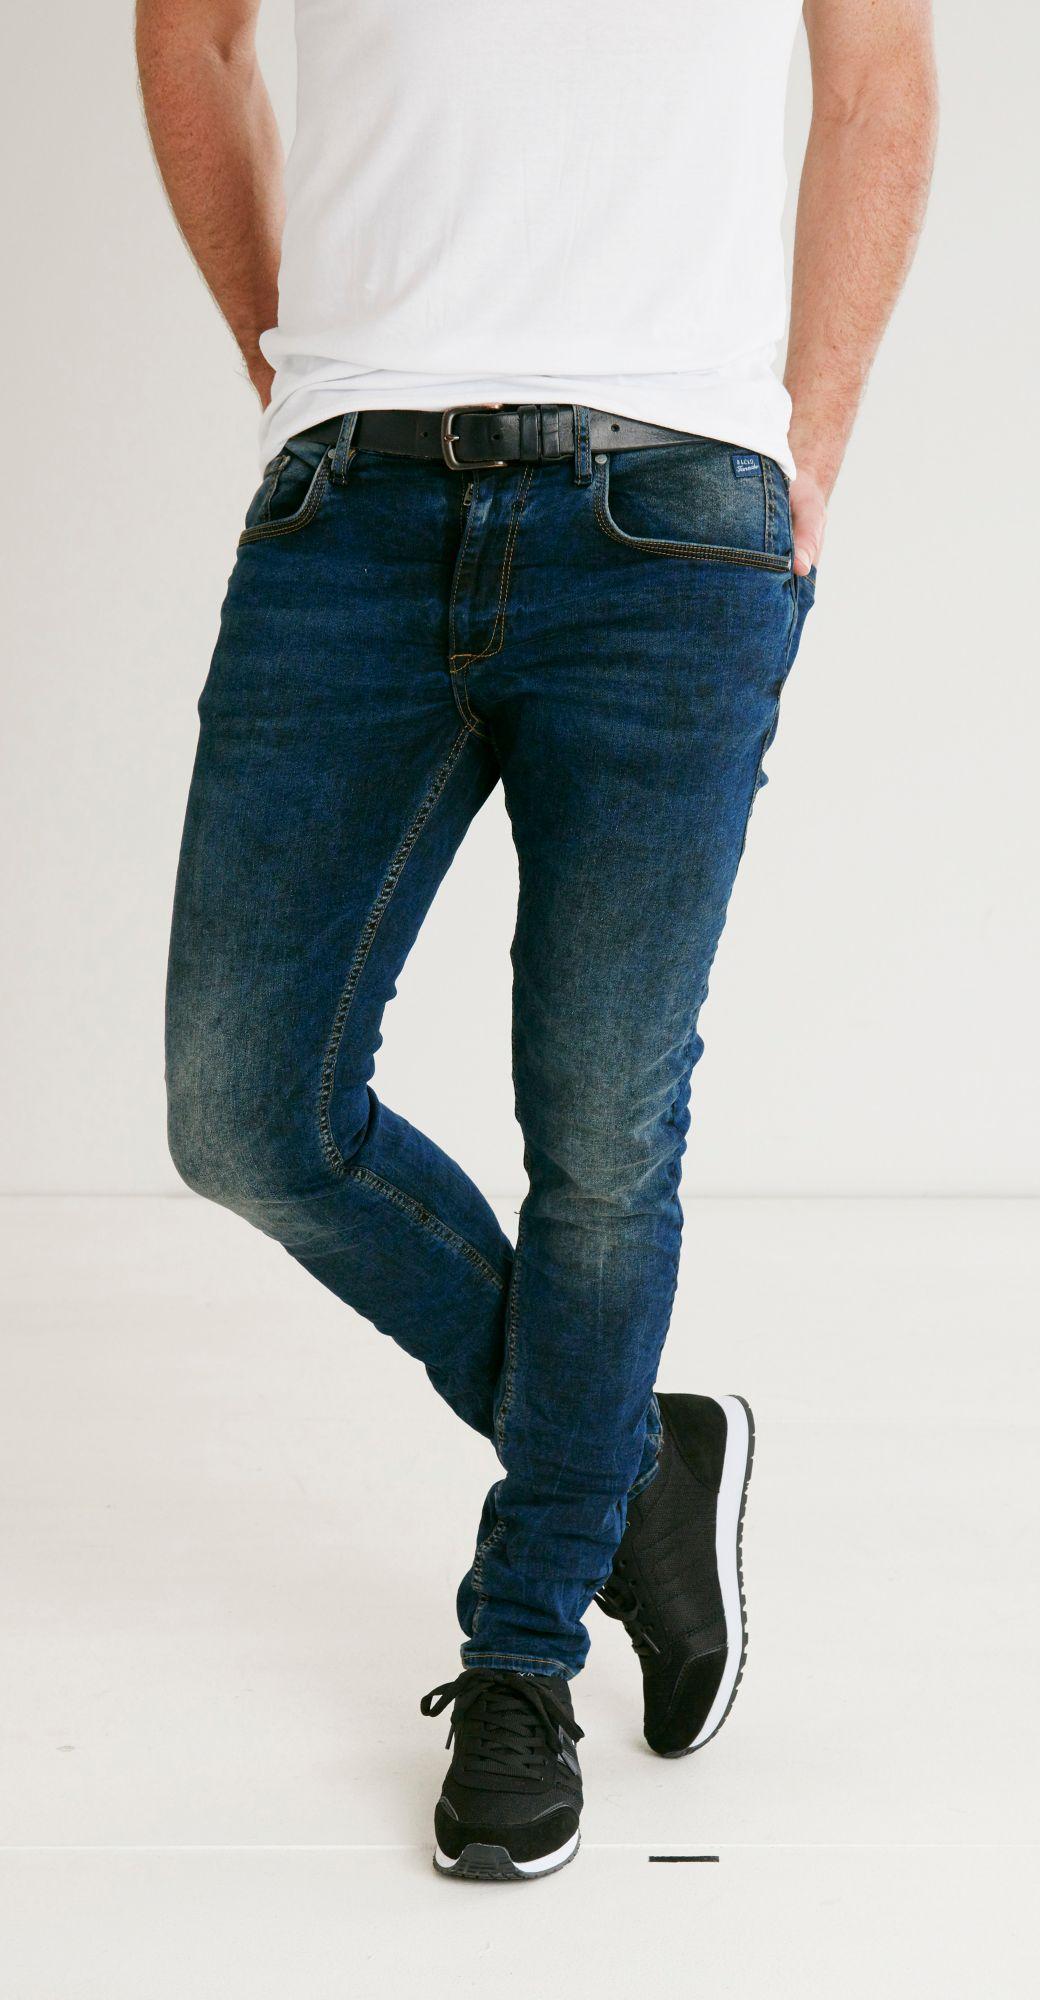 BLEND Blend Jet slim fit jeans